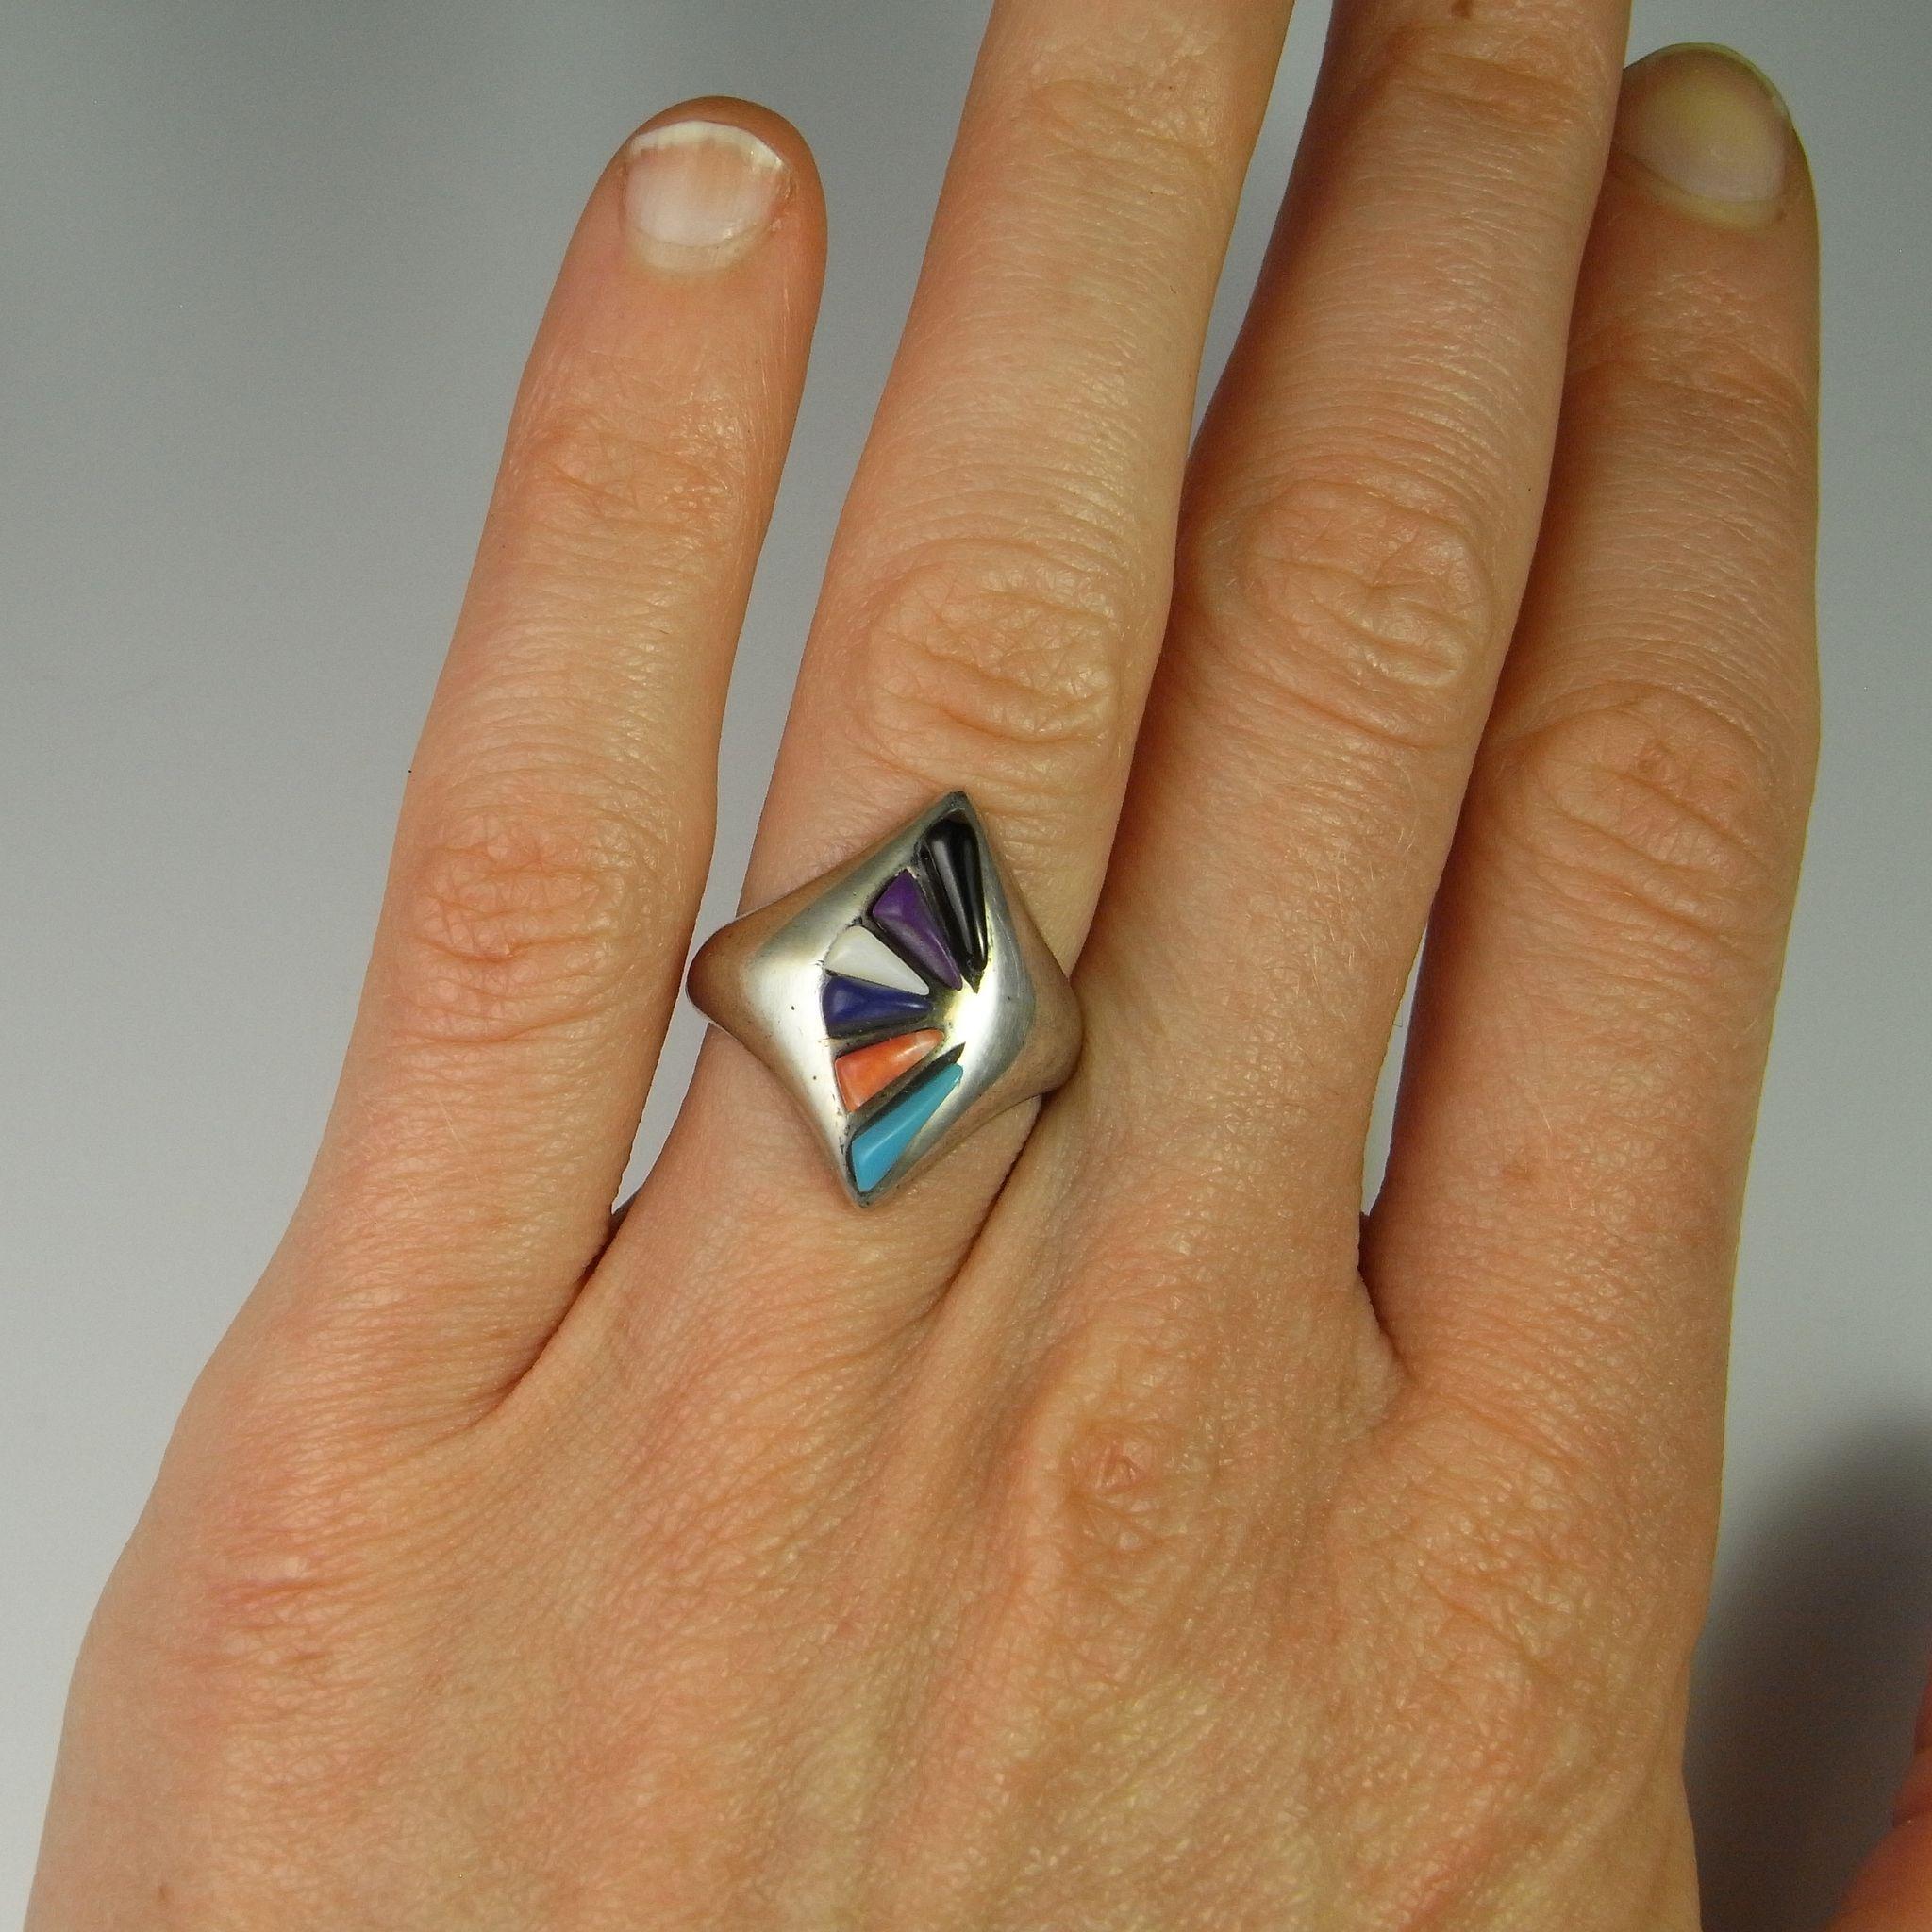 Ring Resizing Sydney Cbd